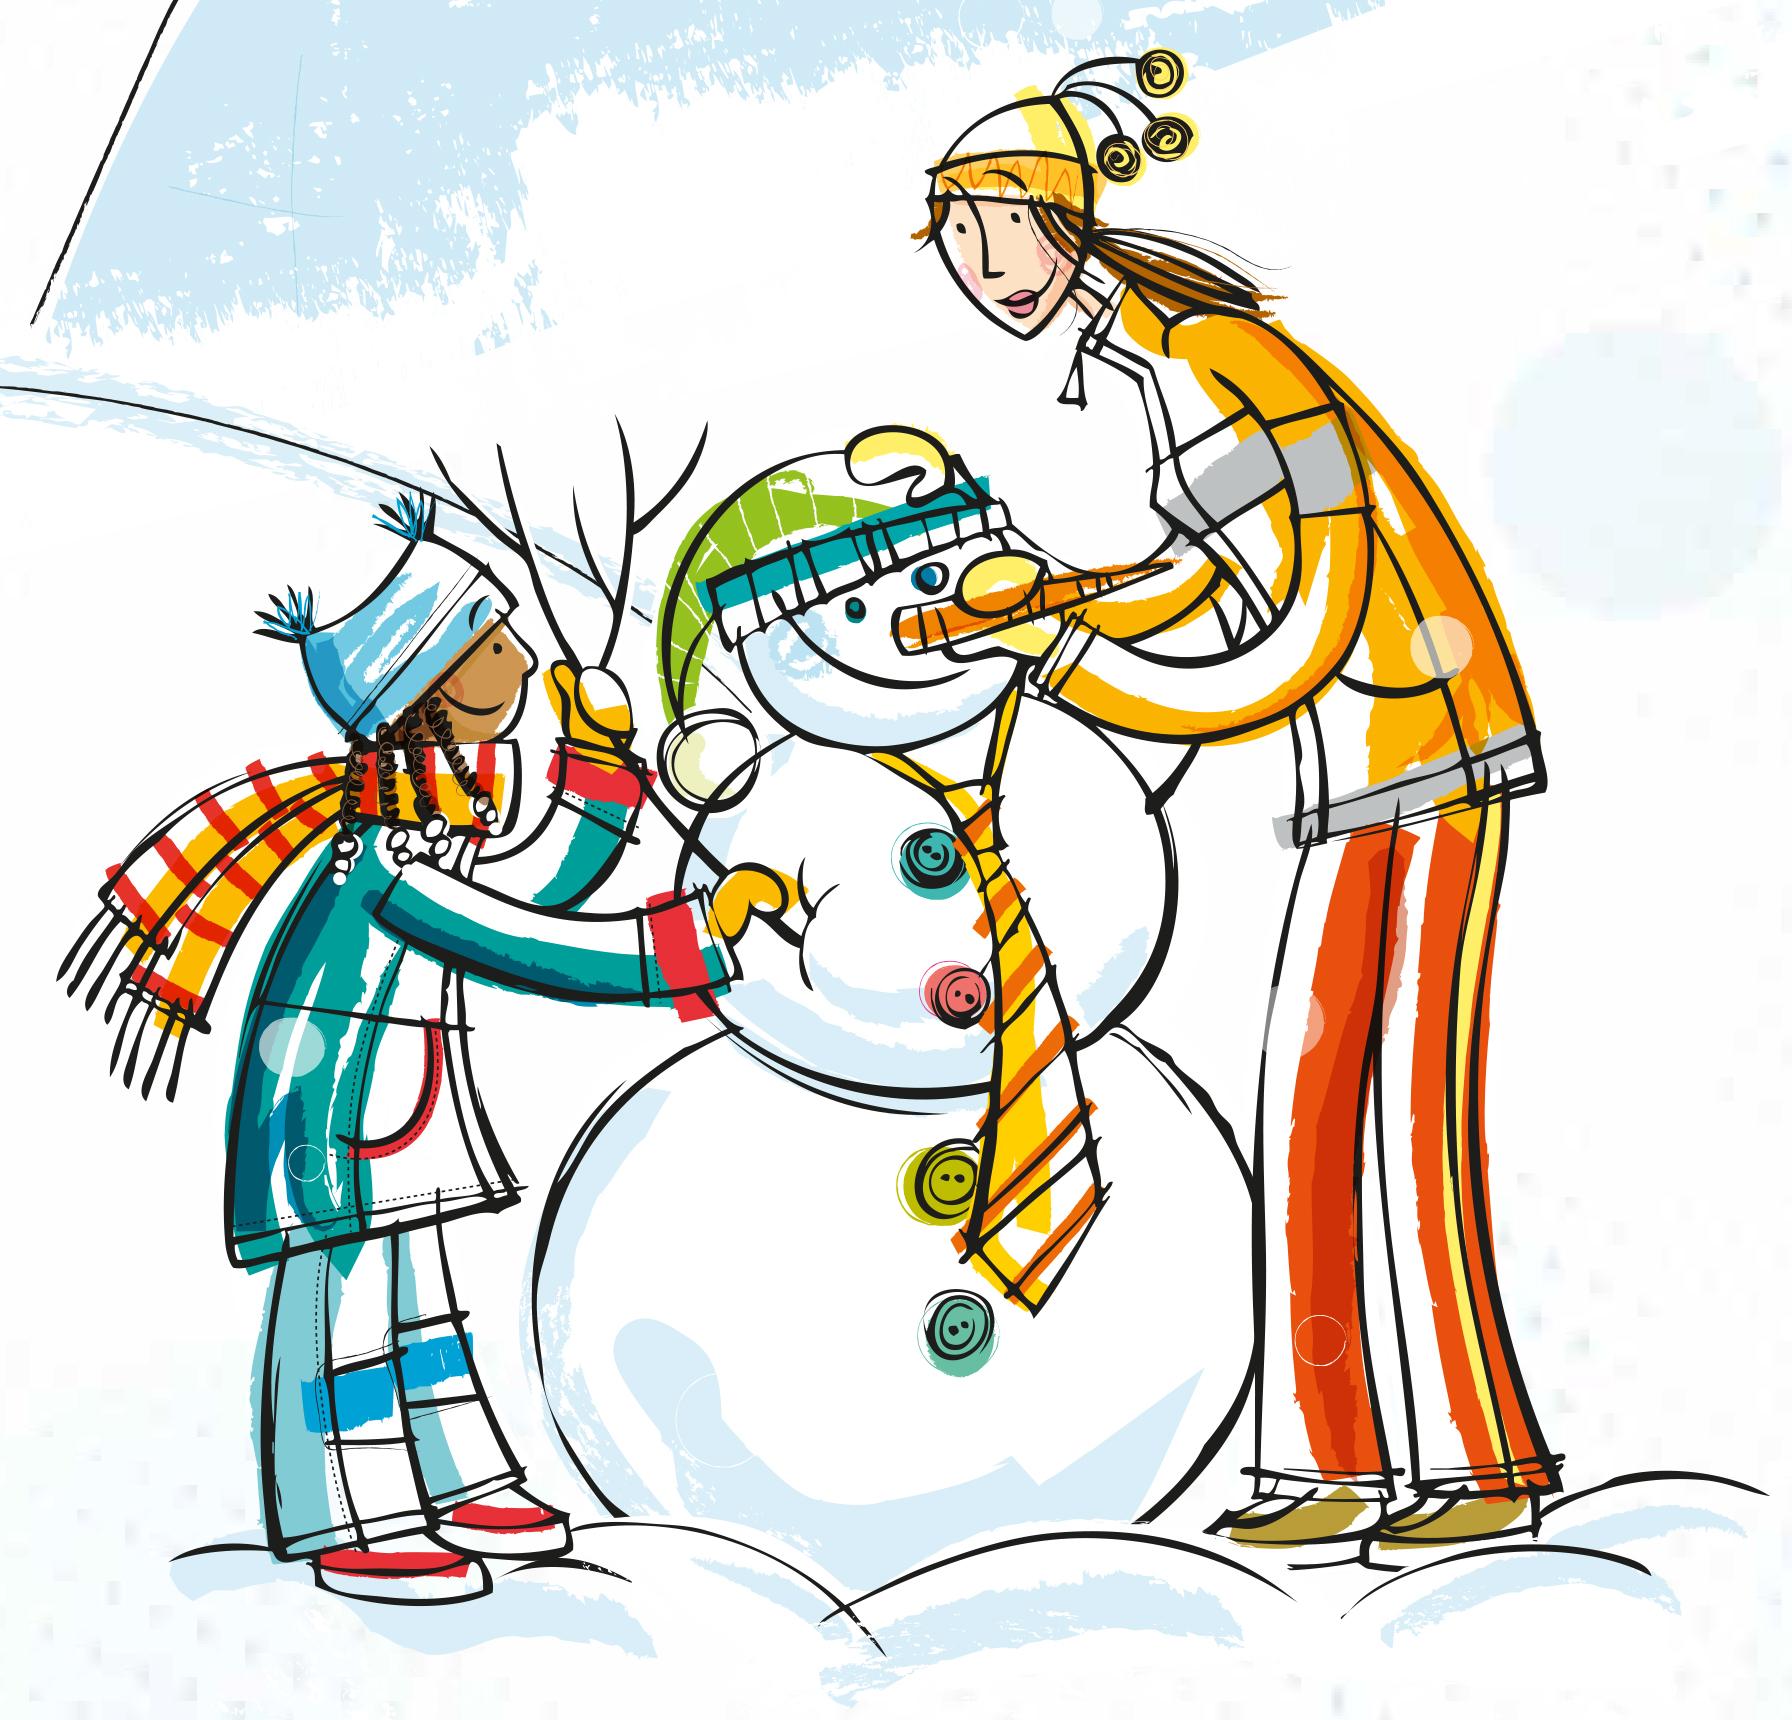 Plaisirs d'hiver: le plaisir de jouer dehors à Contrecoeur!